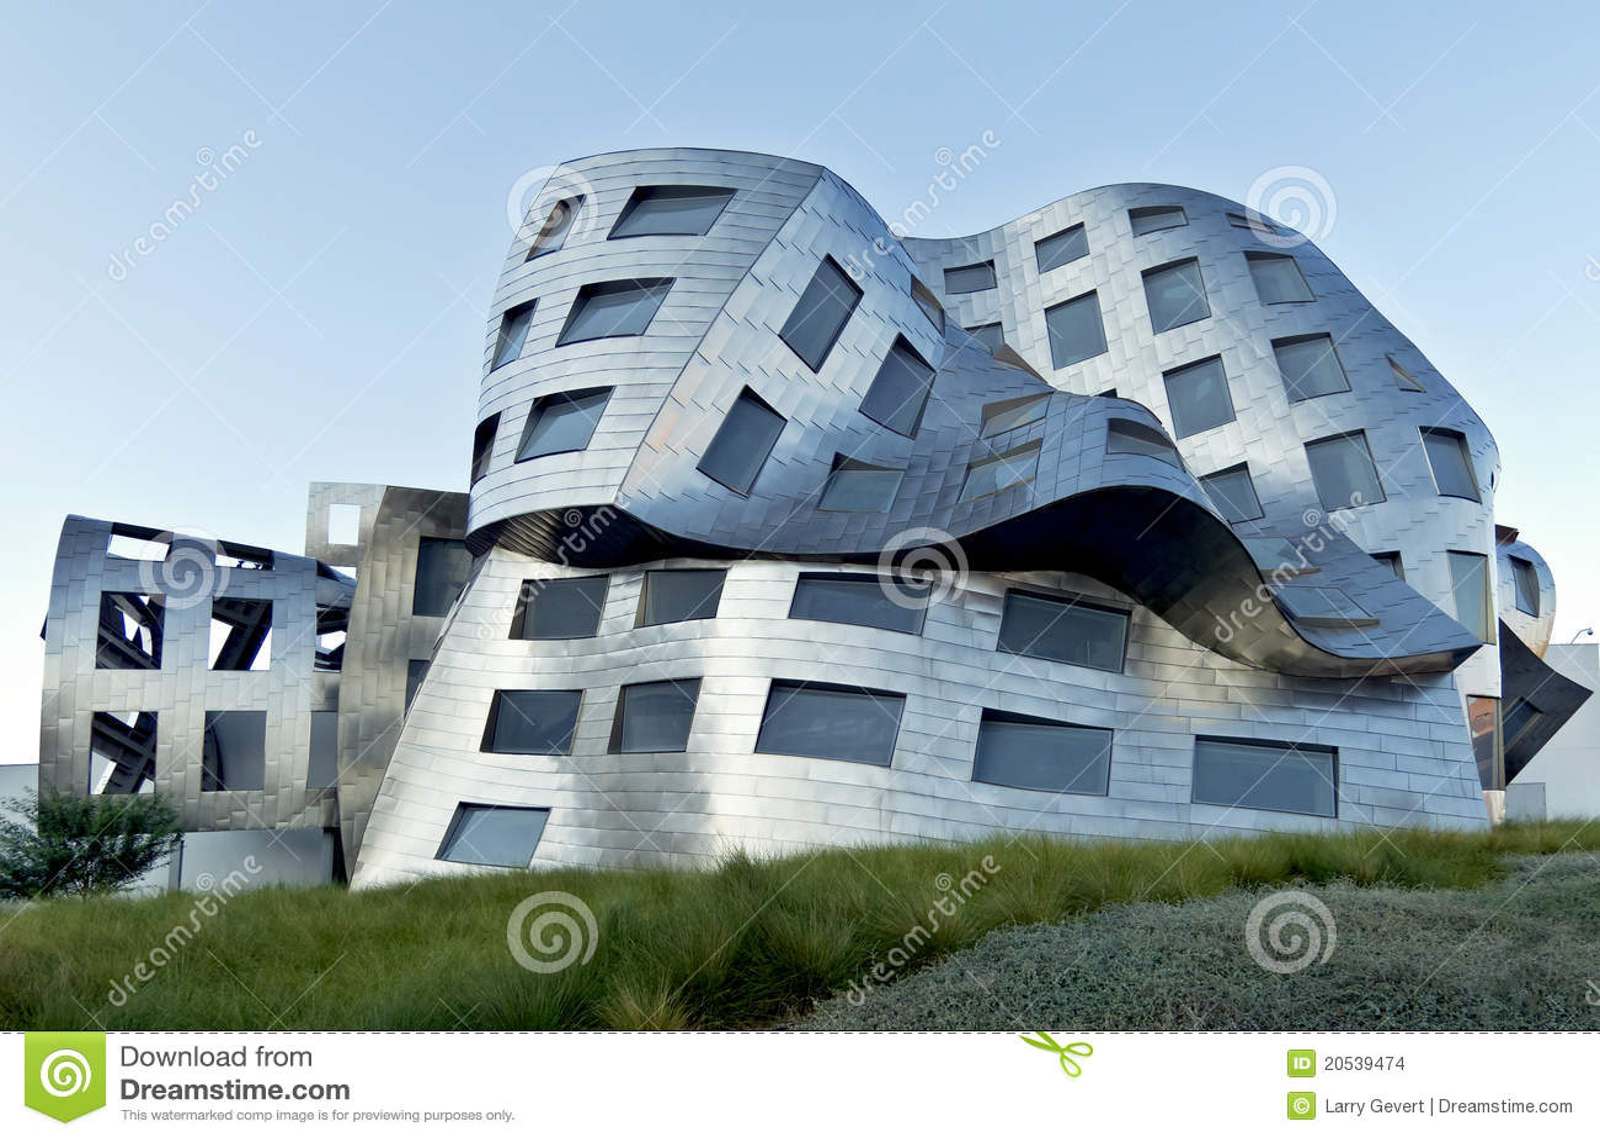 Bizarre architectuur in las vegas redactionele stock for Architettura contemporanea barcellona